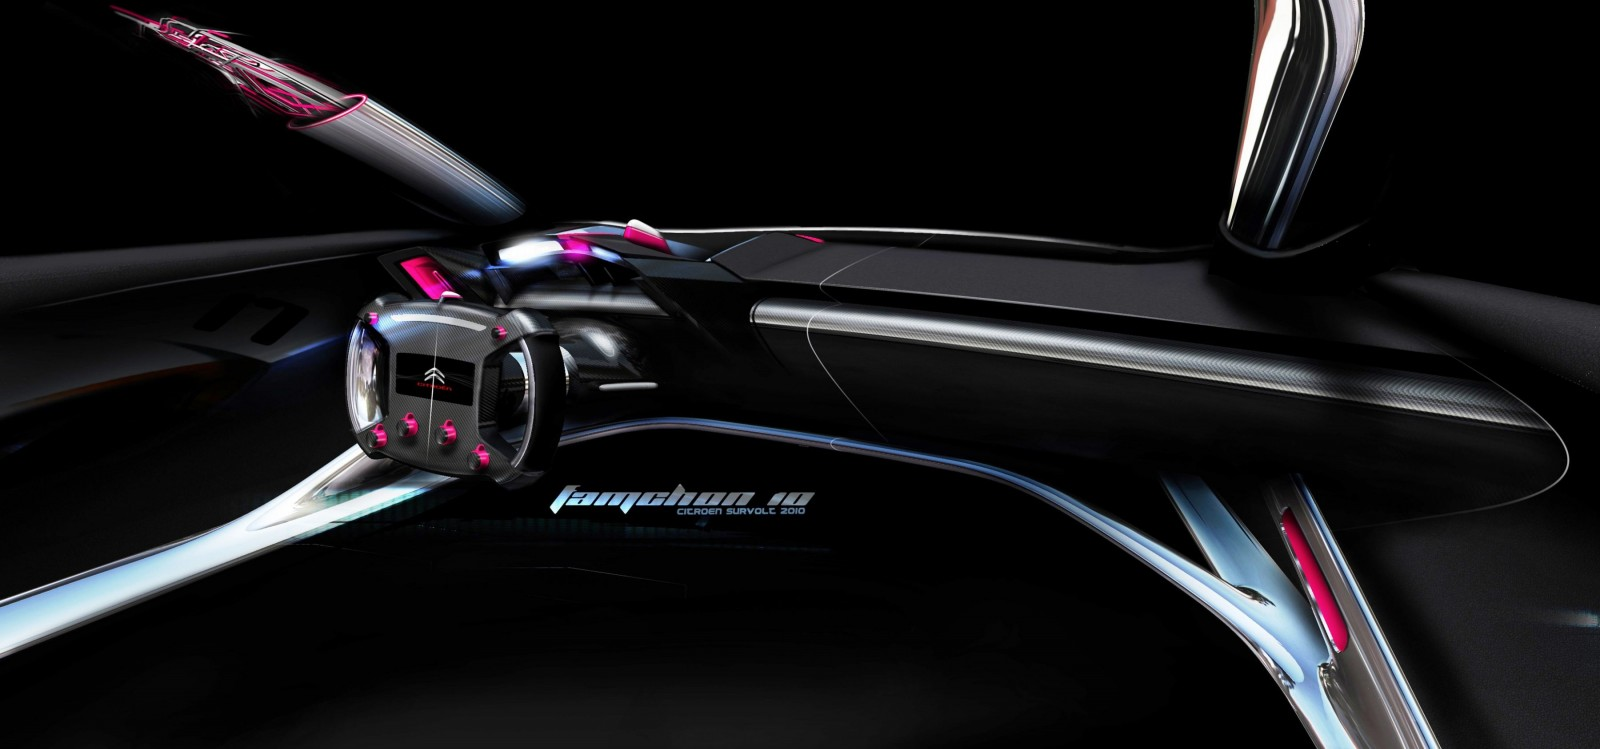 Concept Flashback - 2010 Citroen Survolt 53